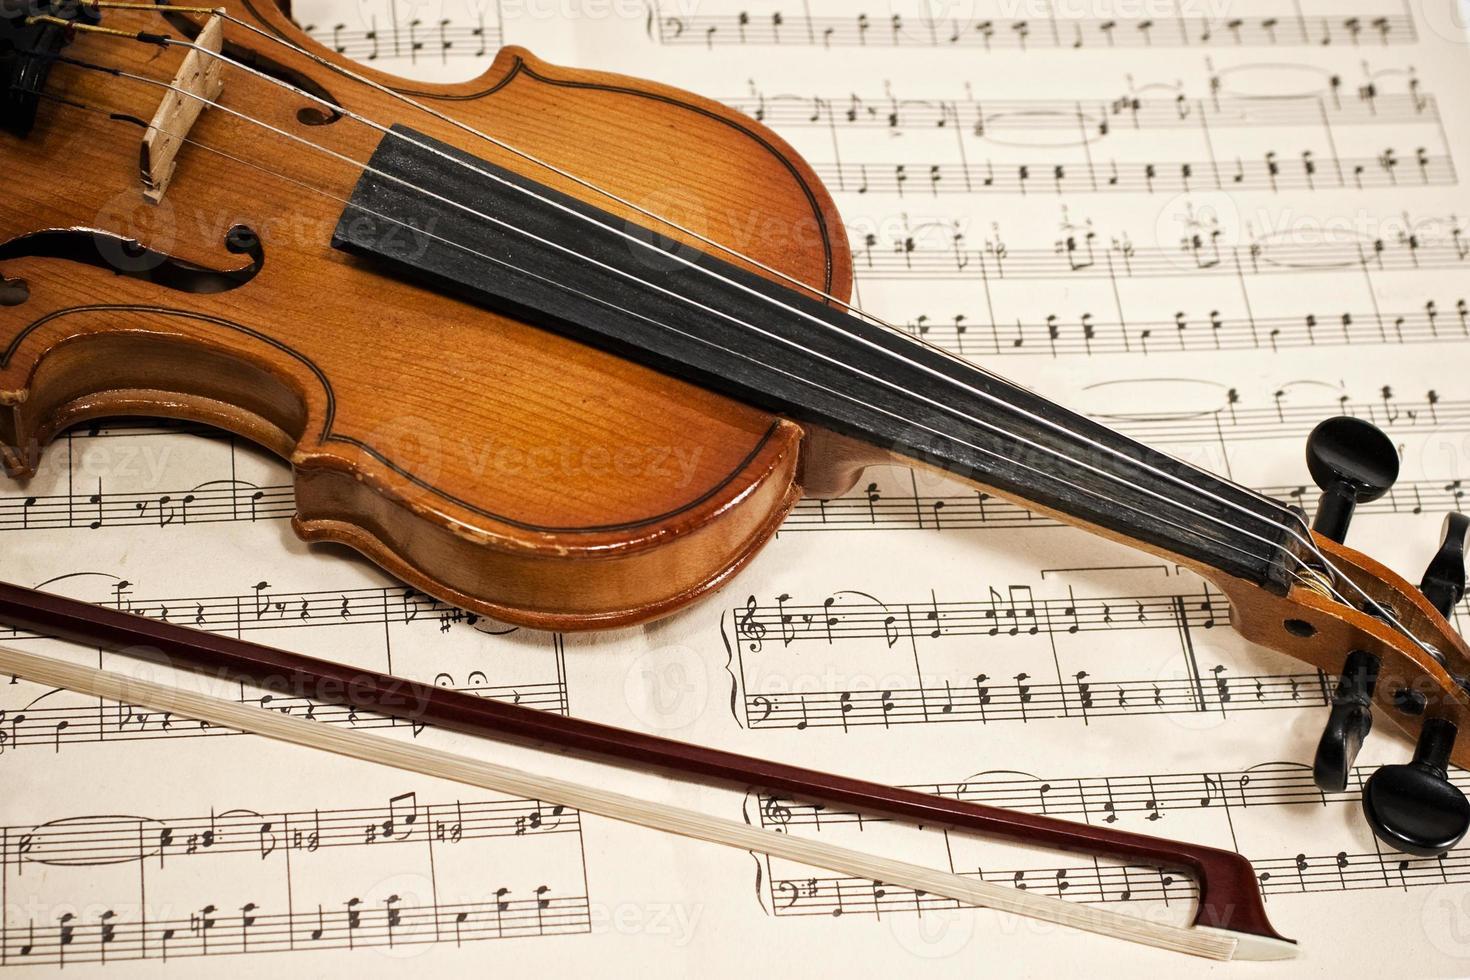 oude viool en strijkstok op muzieknoten foto